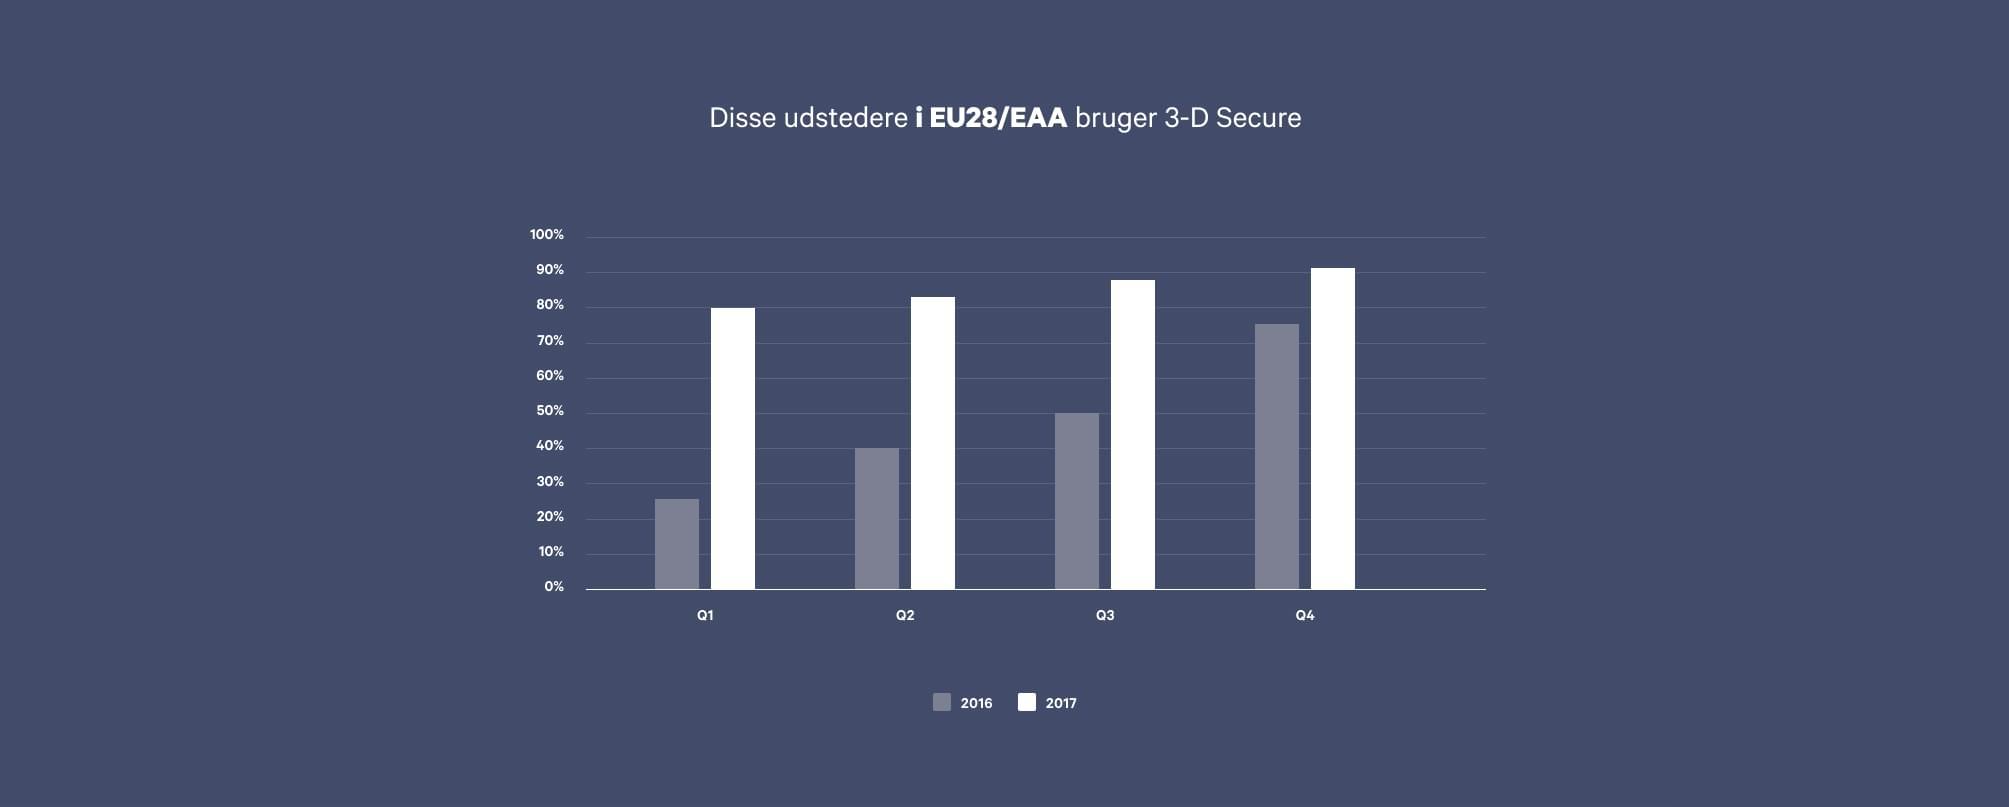 Disse udstedere i EU28/EAA bruger 3-D Secure